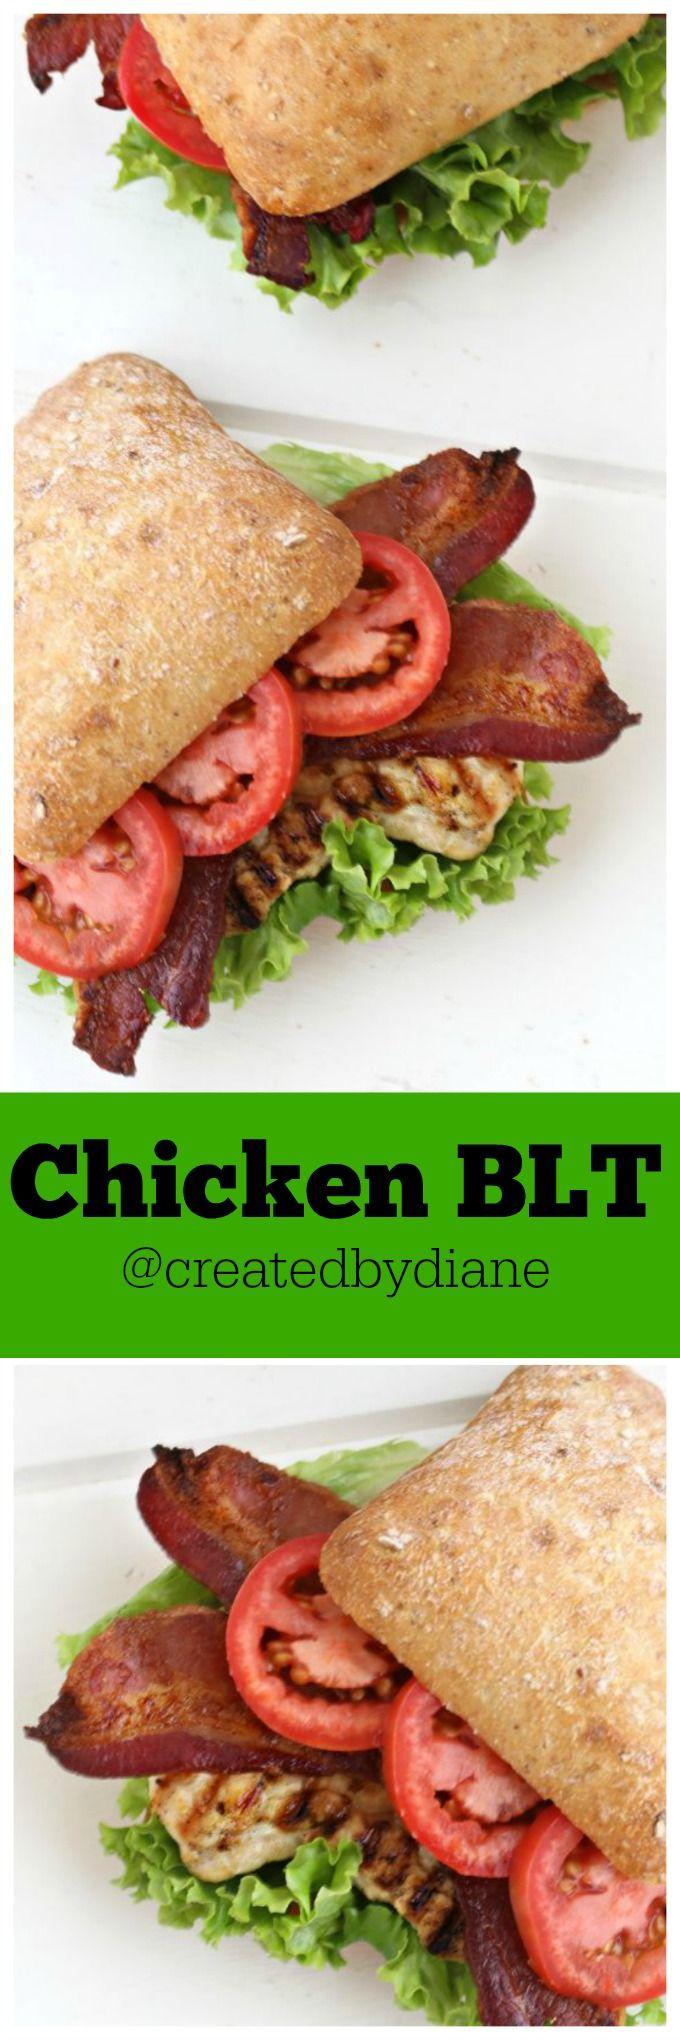 Chicken BLT @createdbydiane